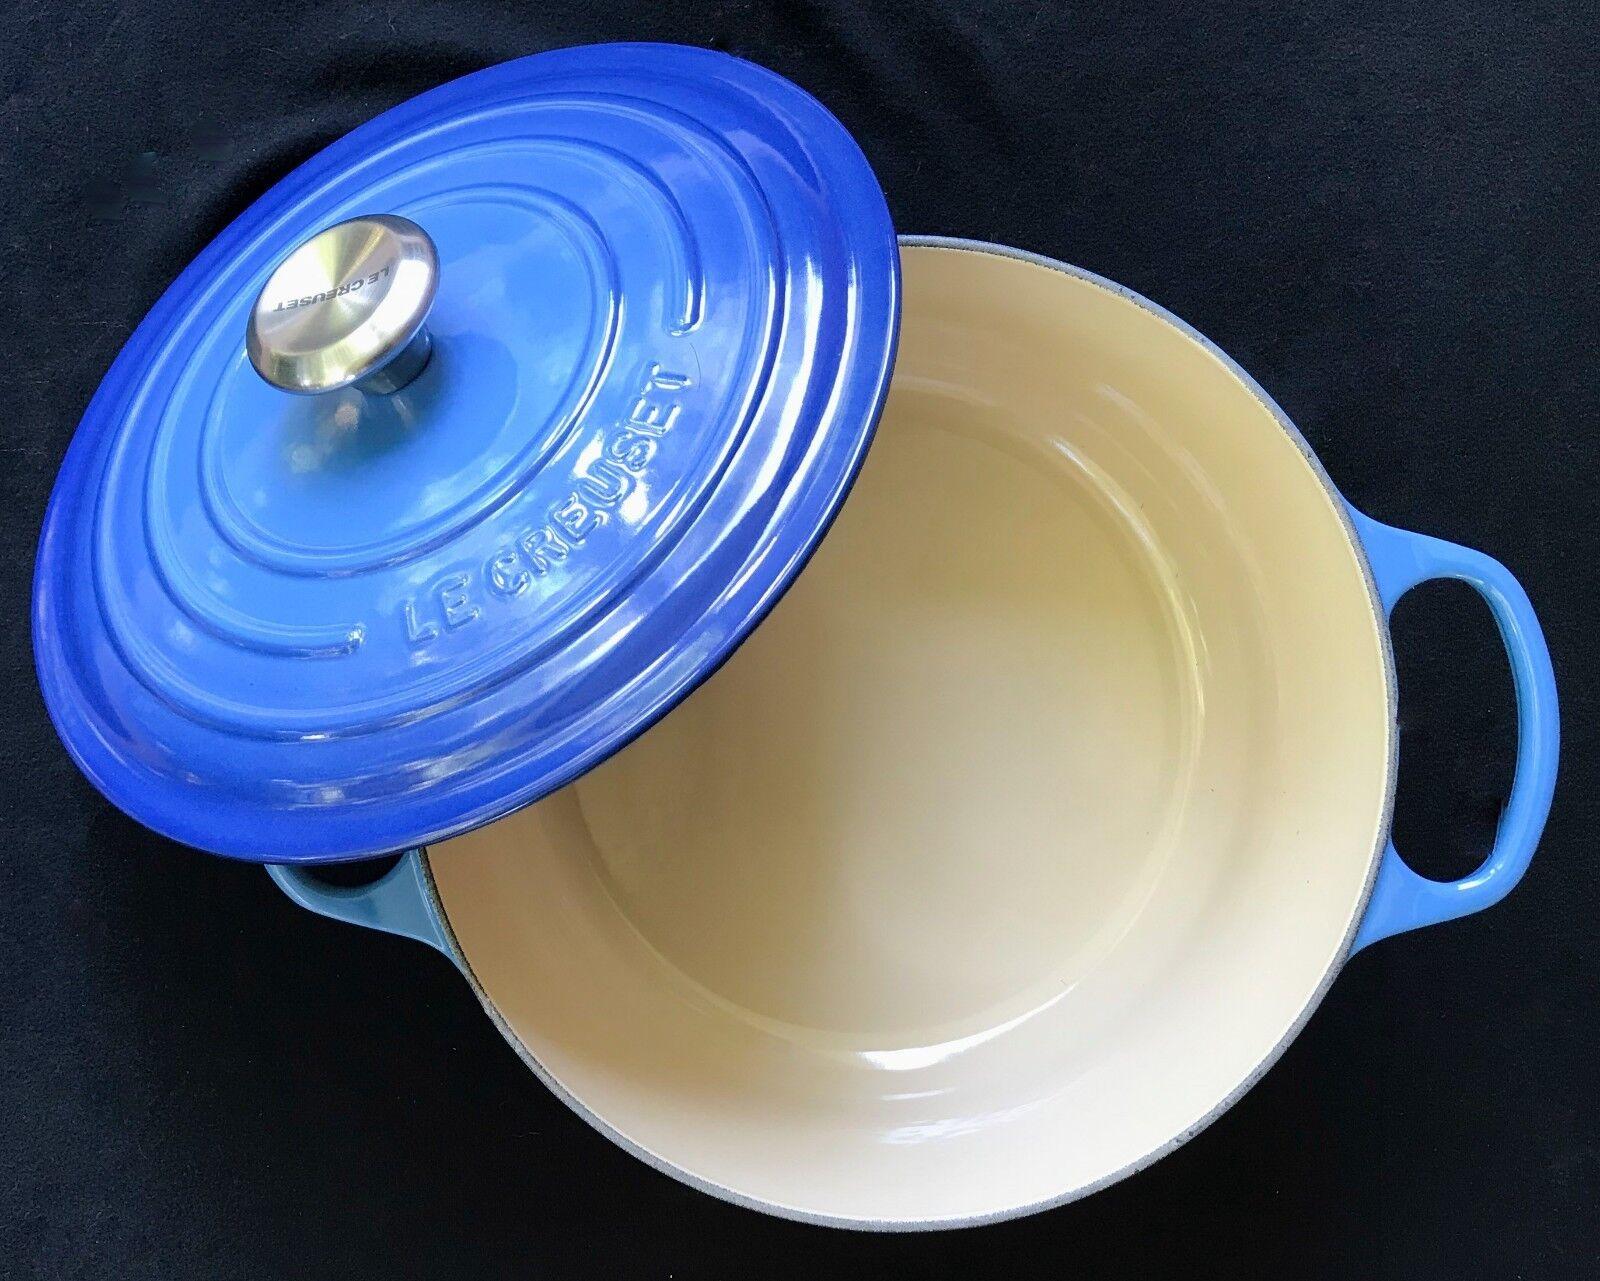 Le Creuset 5.5 qt Round Dutch Oven  Azure bluee